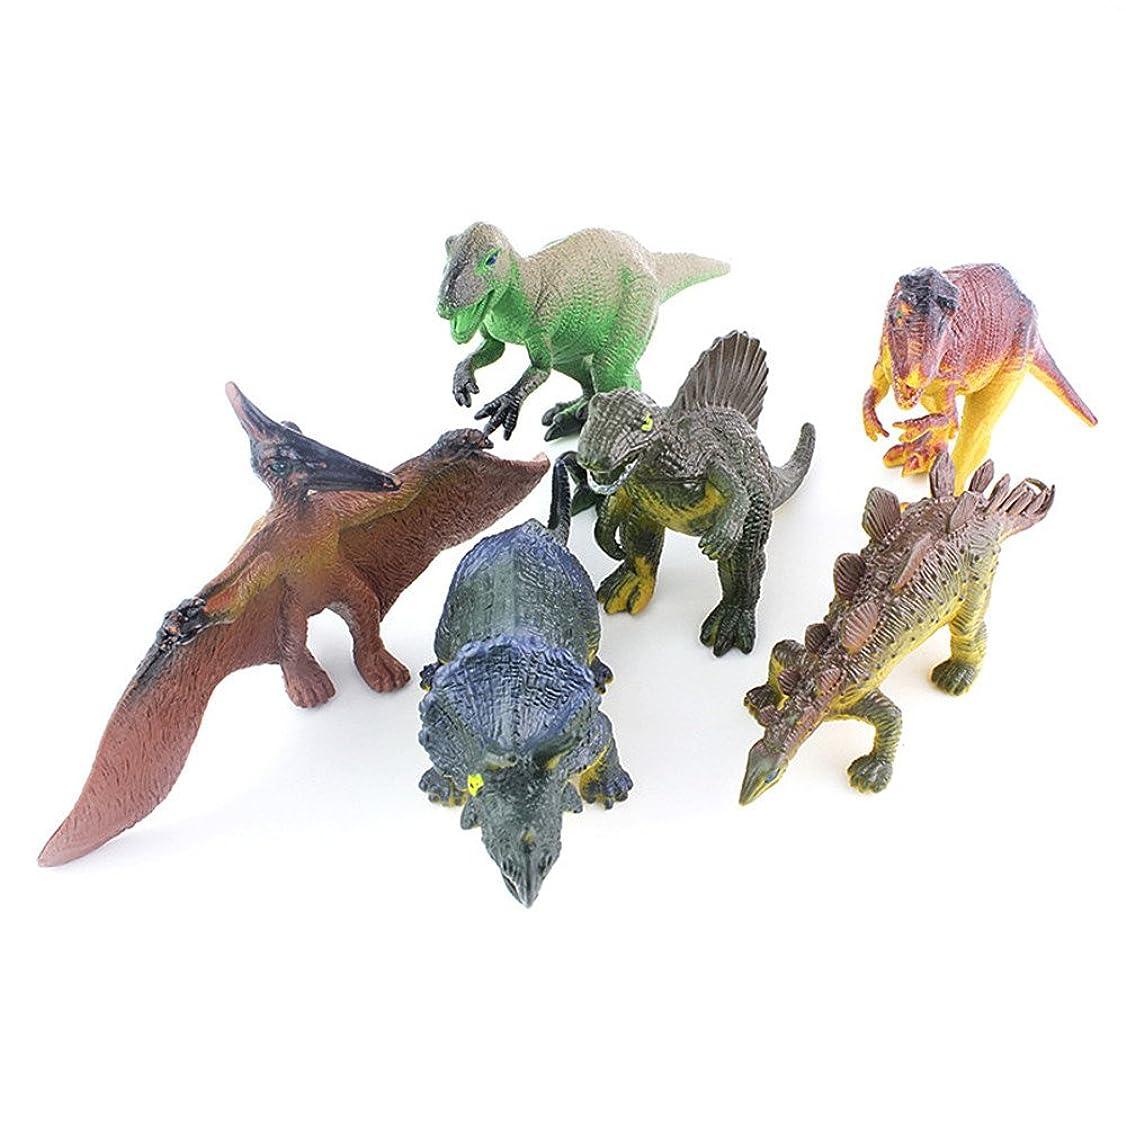 動脈リビングルーム怖がらせる恐竜 キッズ 恐竜 漫画モデル おもちゃ 新モデル プレイセット おもちゃ